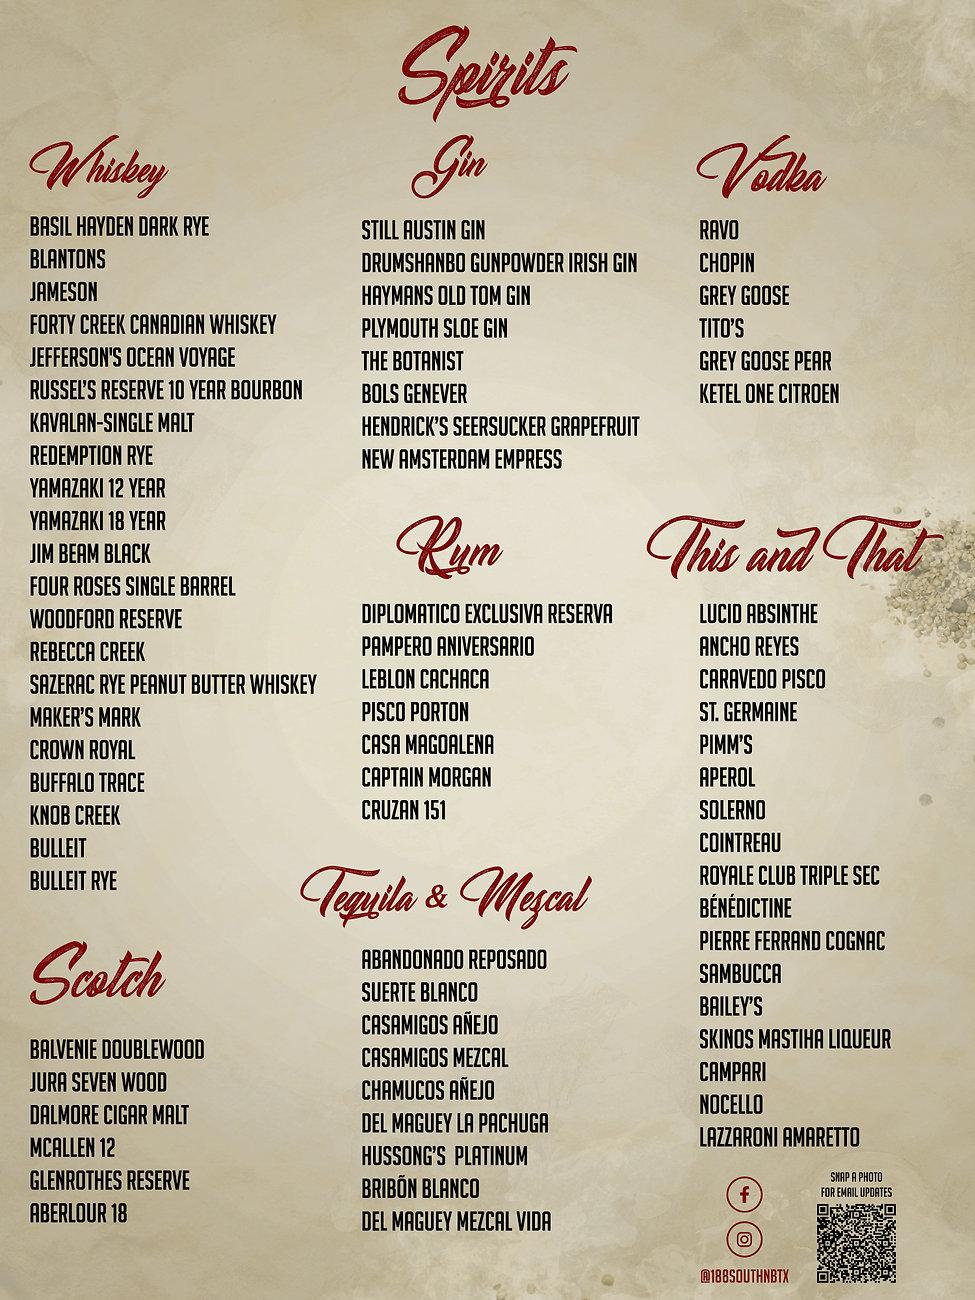 188-South-spirit-menu-11.27.2020.jpg